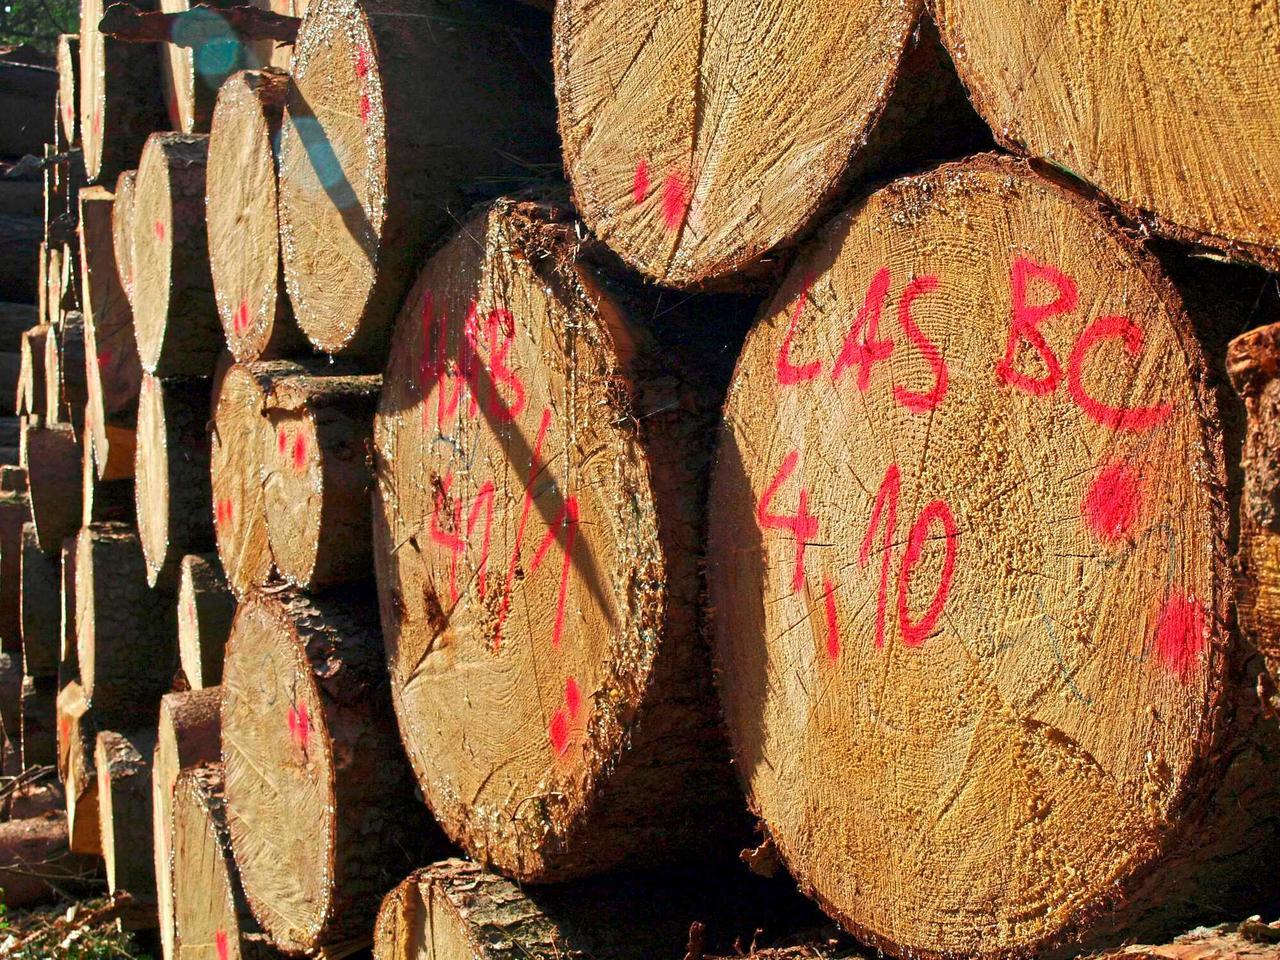 Для мелких лесовладельцев Германии «Постановление  о компенсации за ущерб лесам» пересмотрено